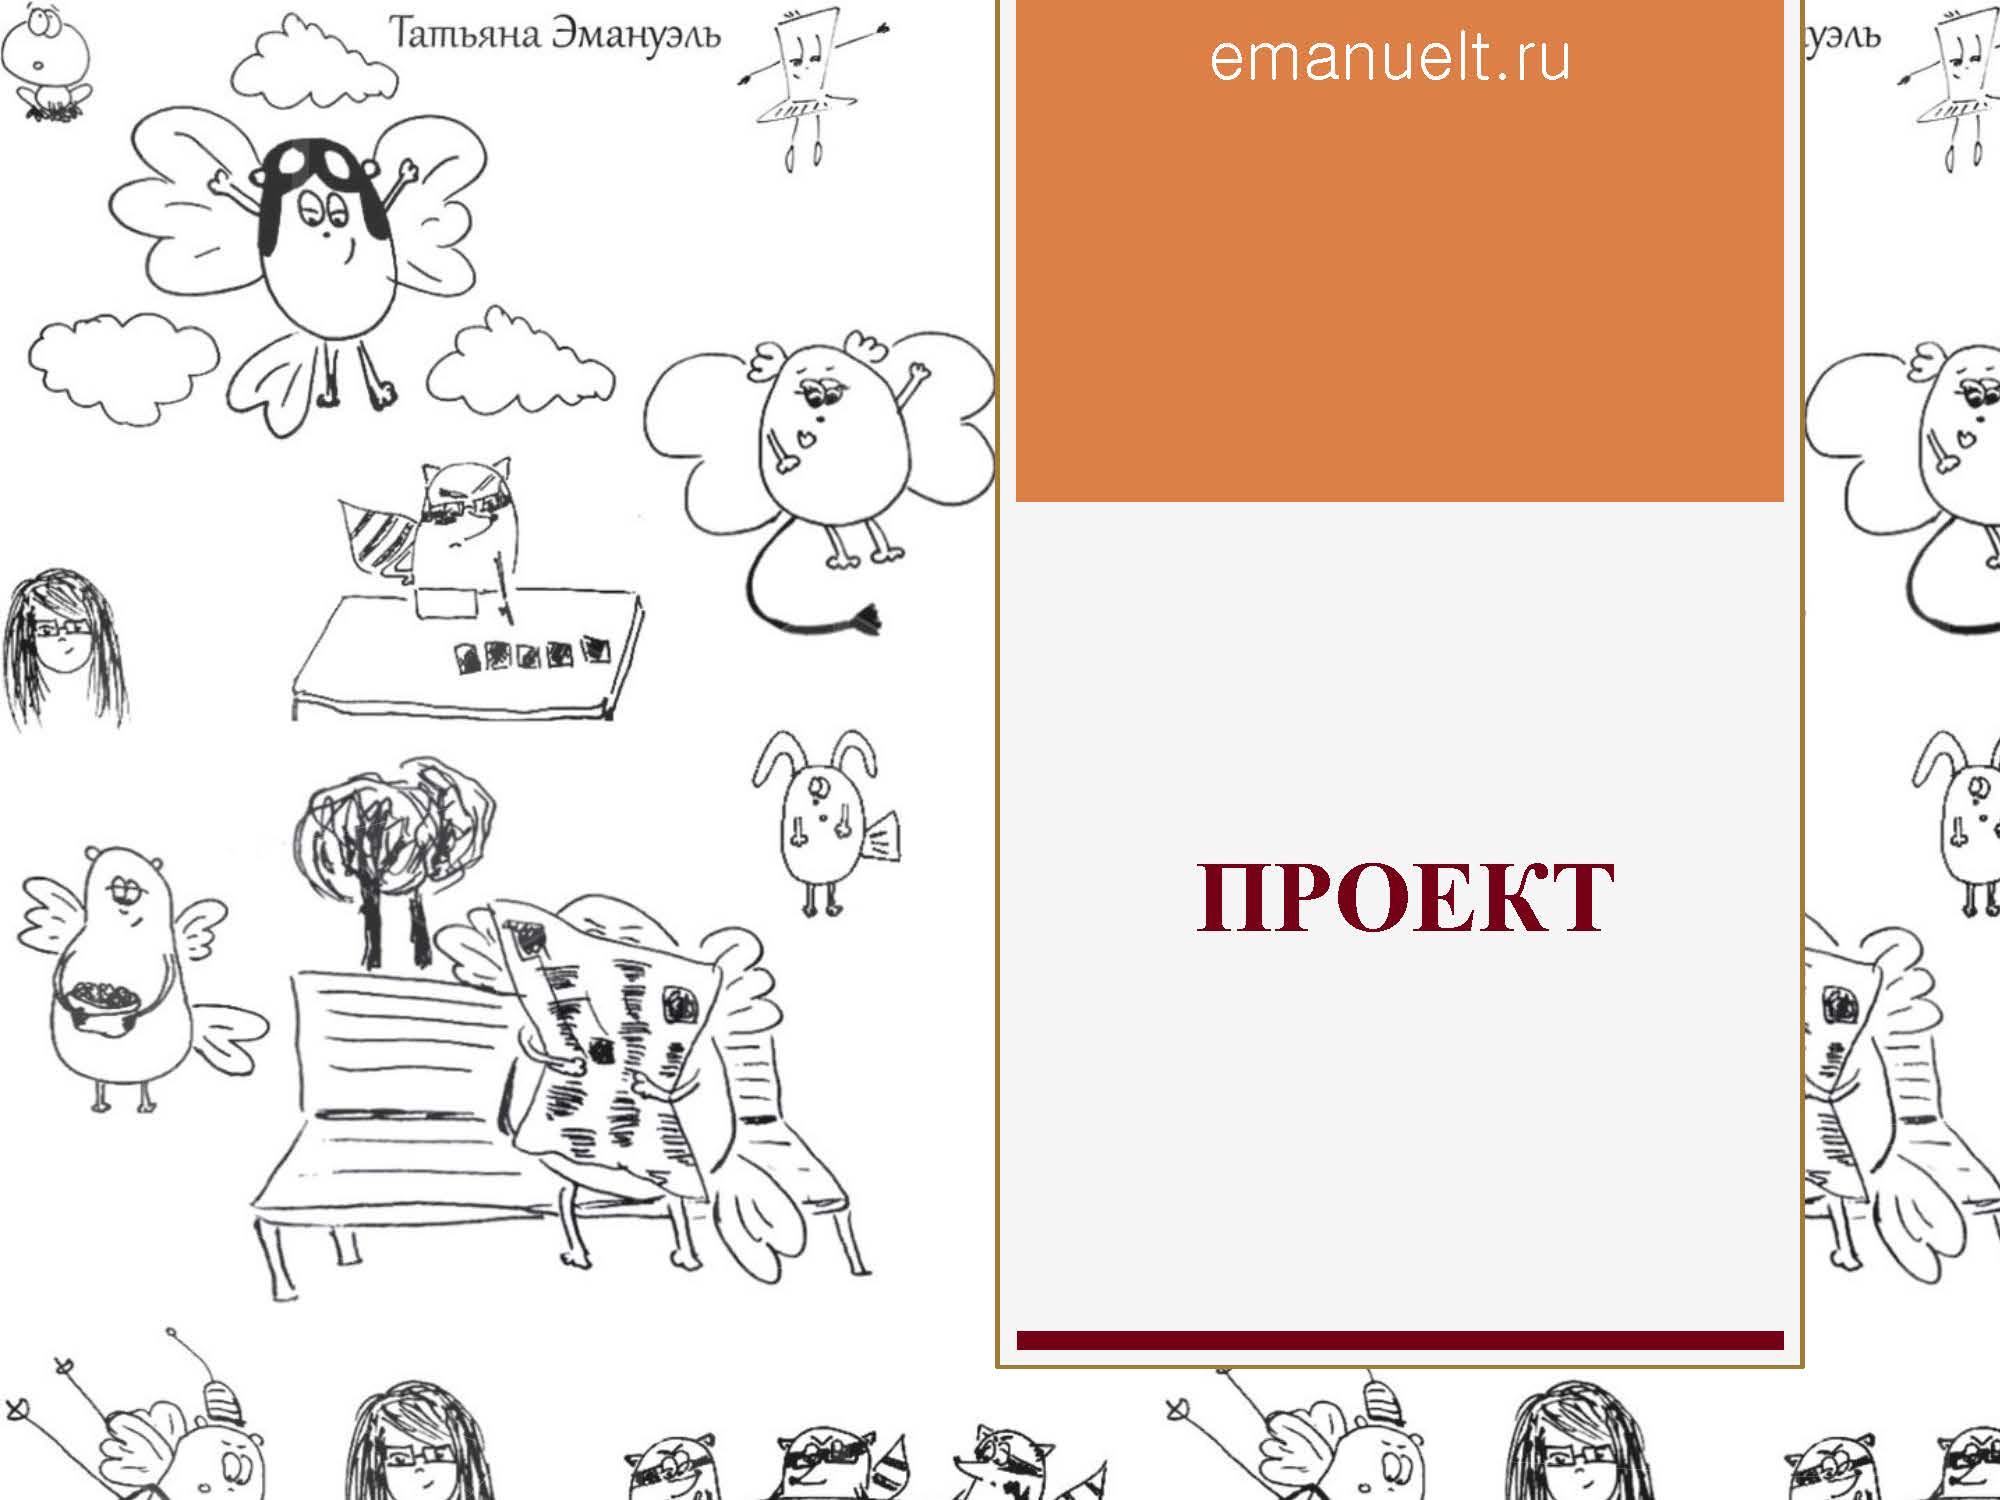 проектный эмануэль_Страница_81